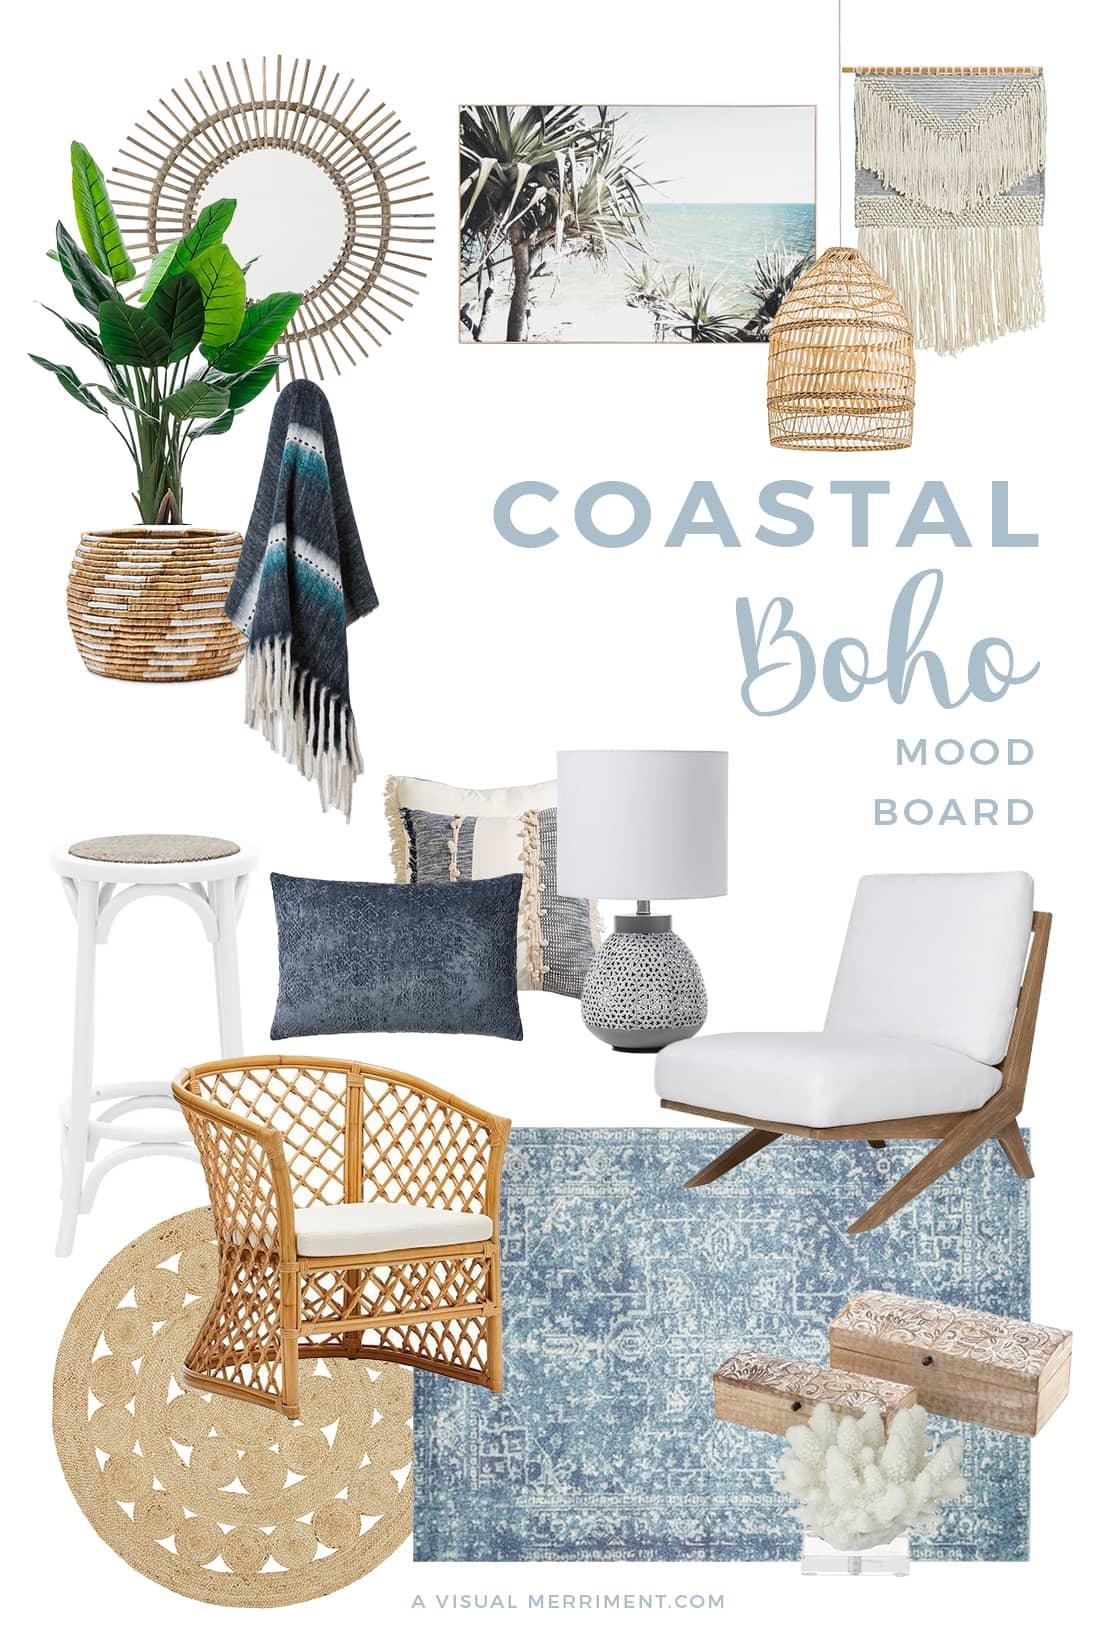 mood board of coastal boho style furniture and decor